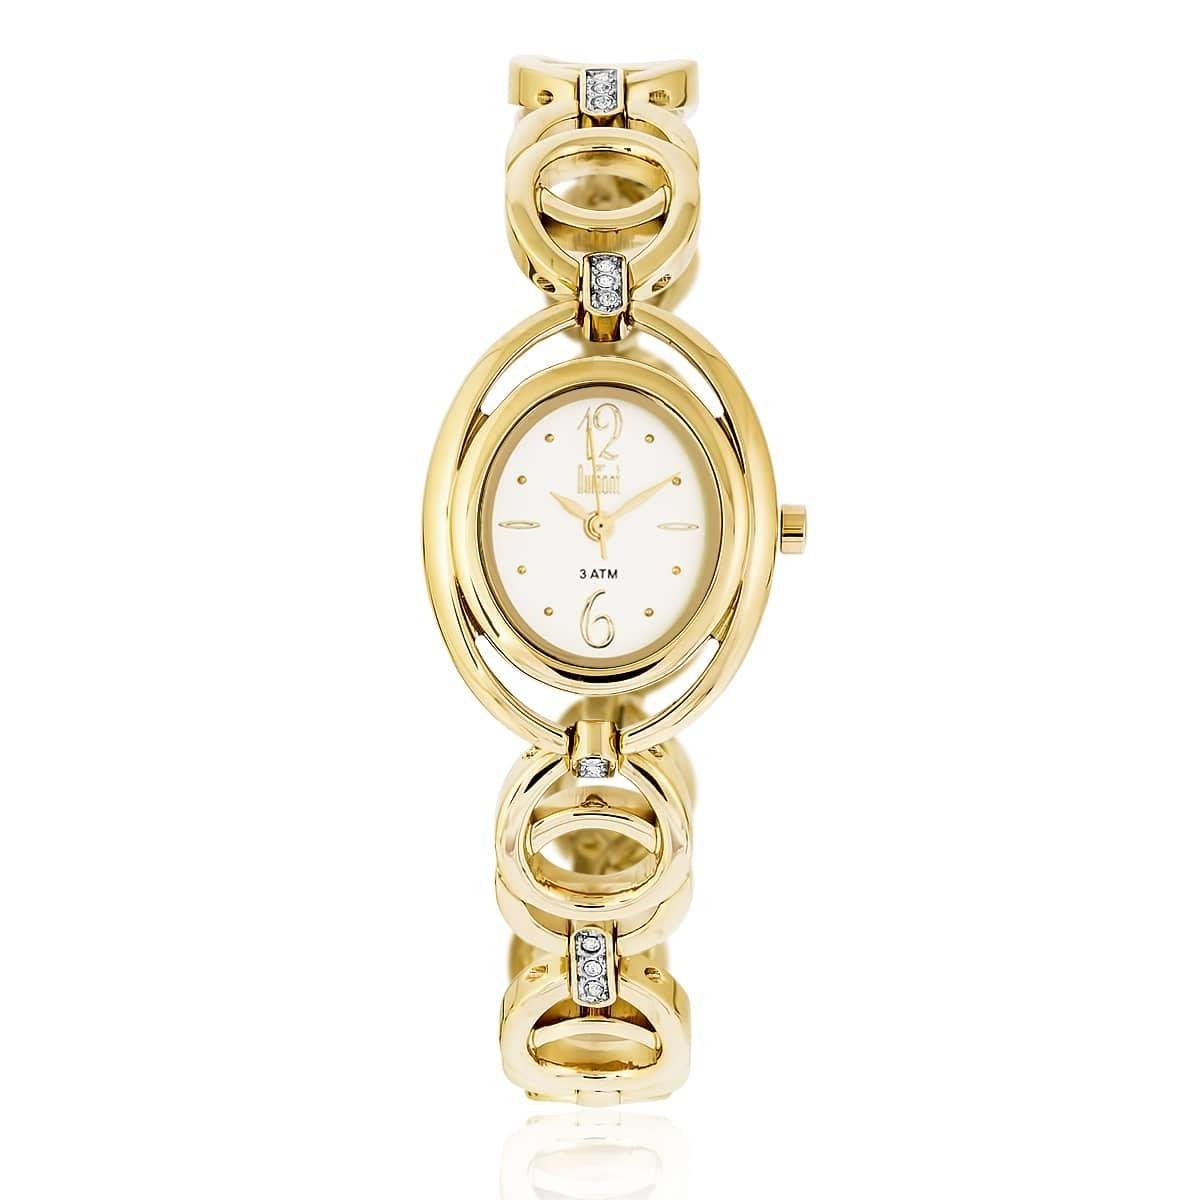 e1d9ea891b06a Relógio Feminino Dumont Splendore Ref. Du2035lqe 4k Dourado - R  250 ...